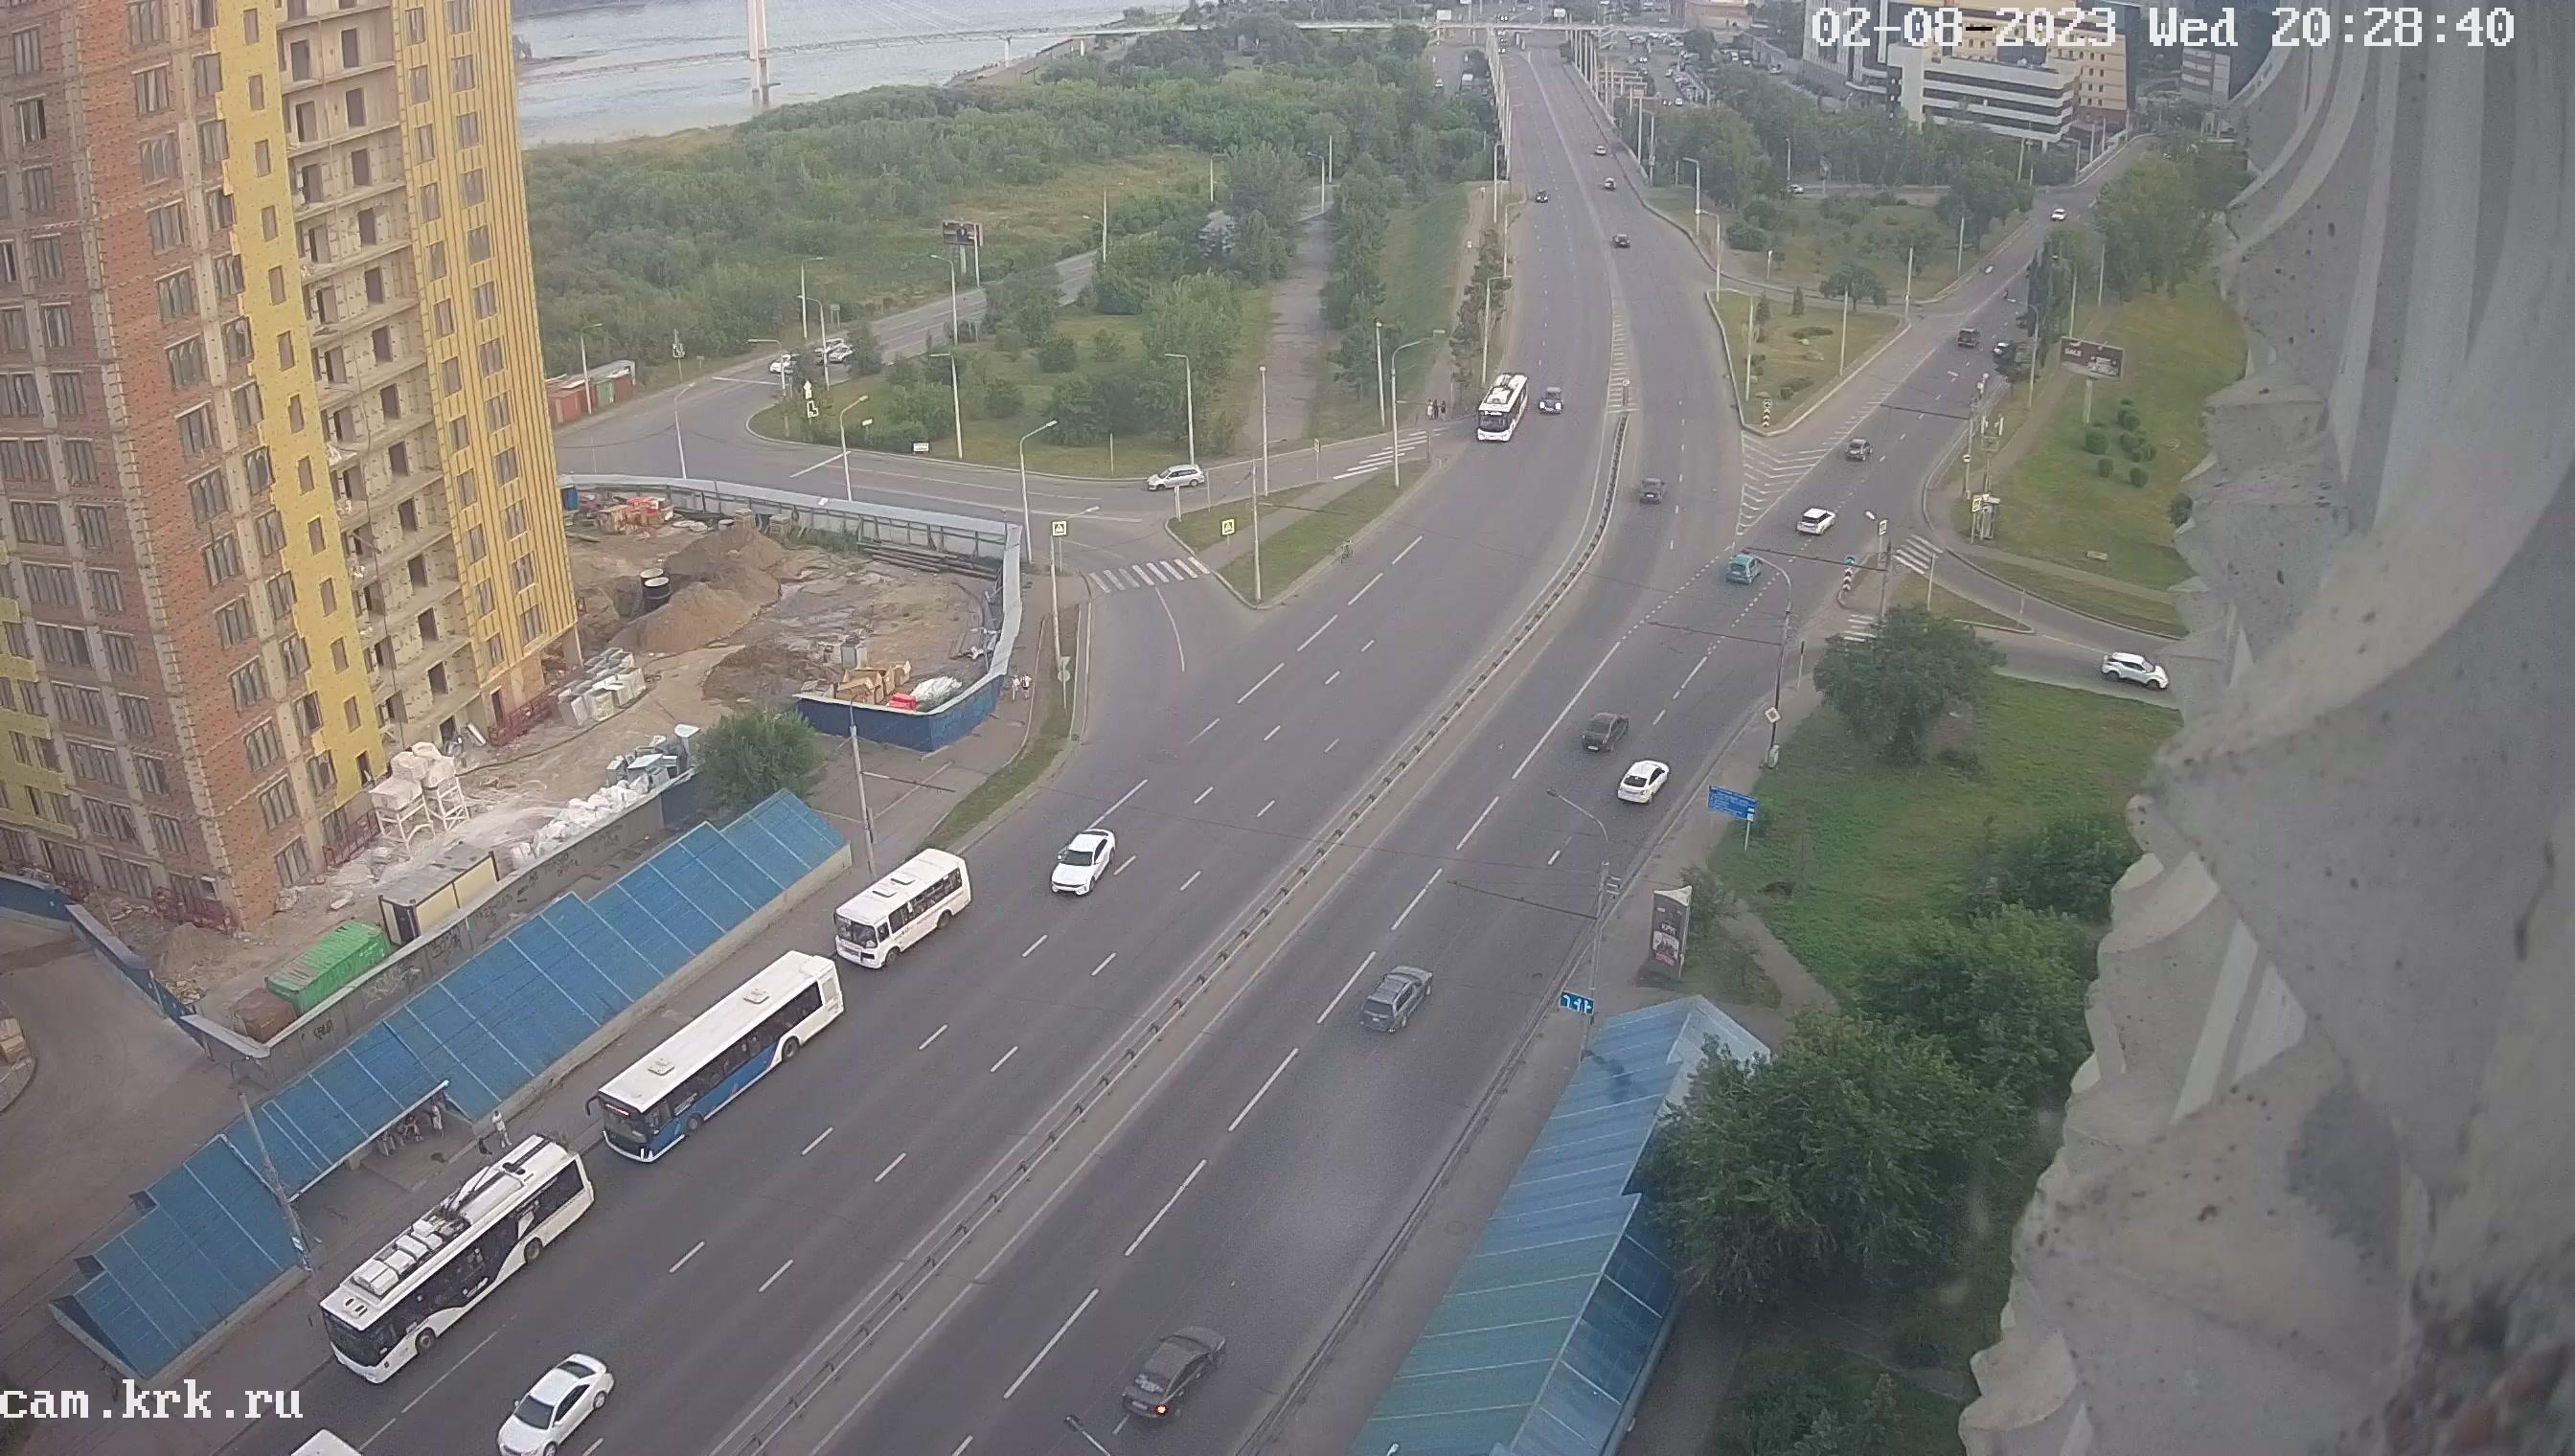 Веб камера Красноярск Виноградовский мост, улица Белинского